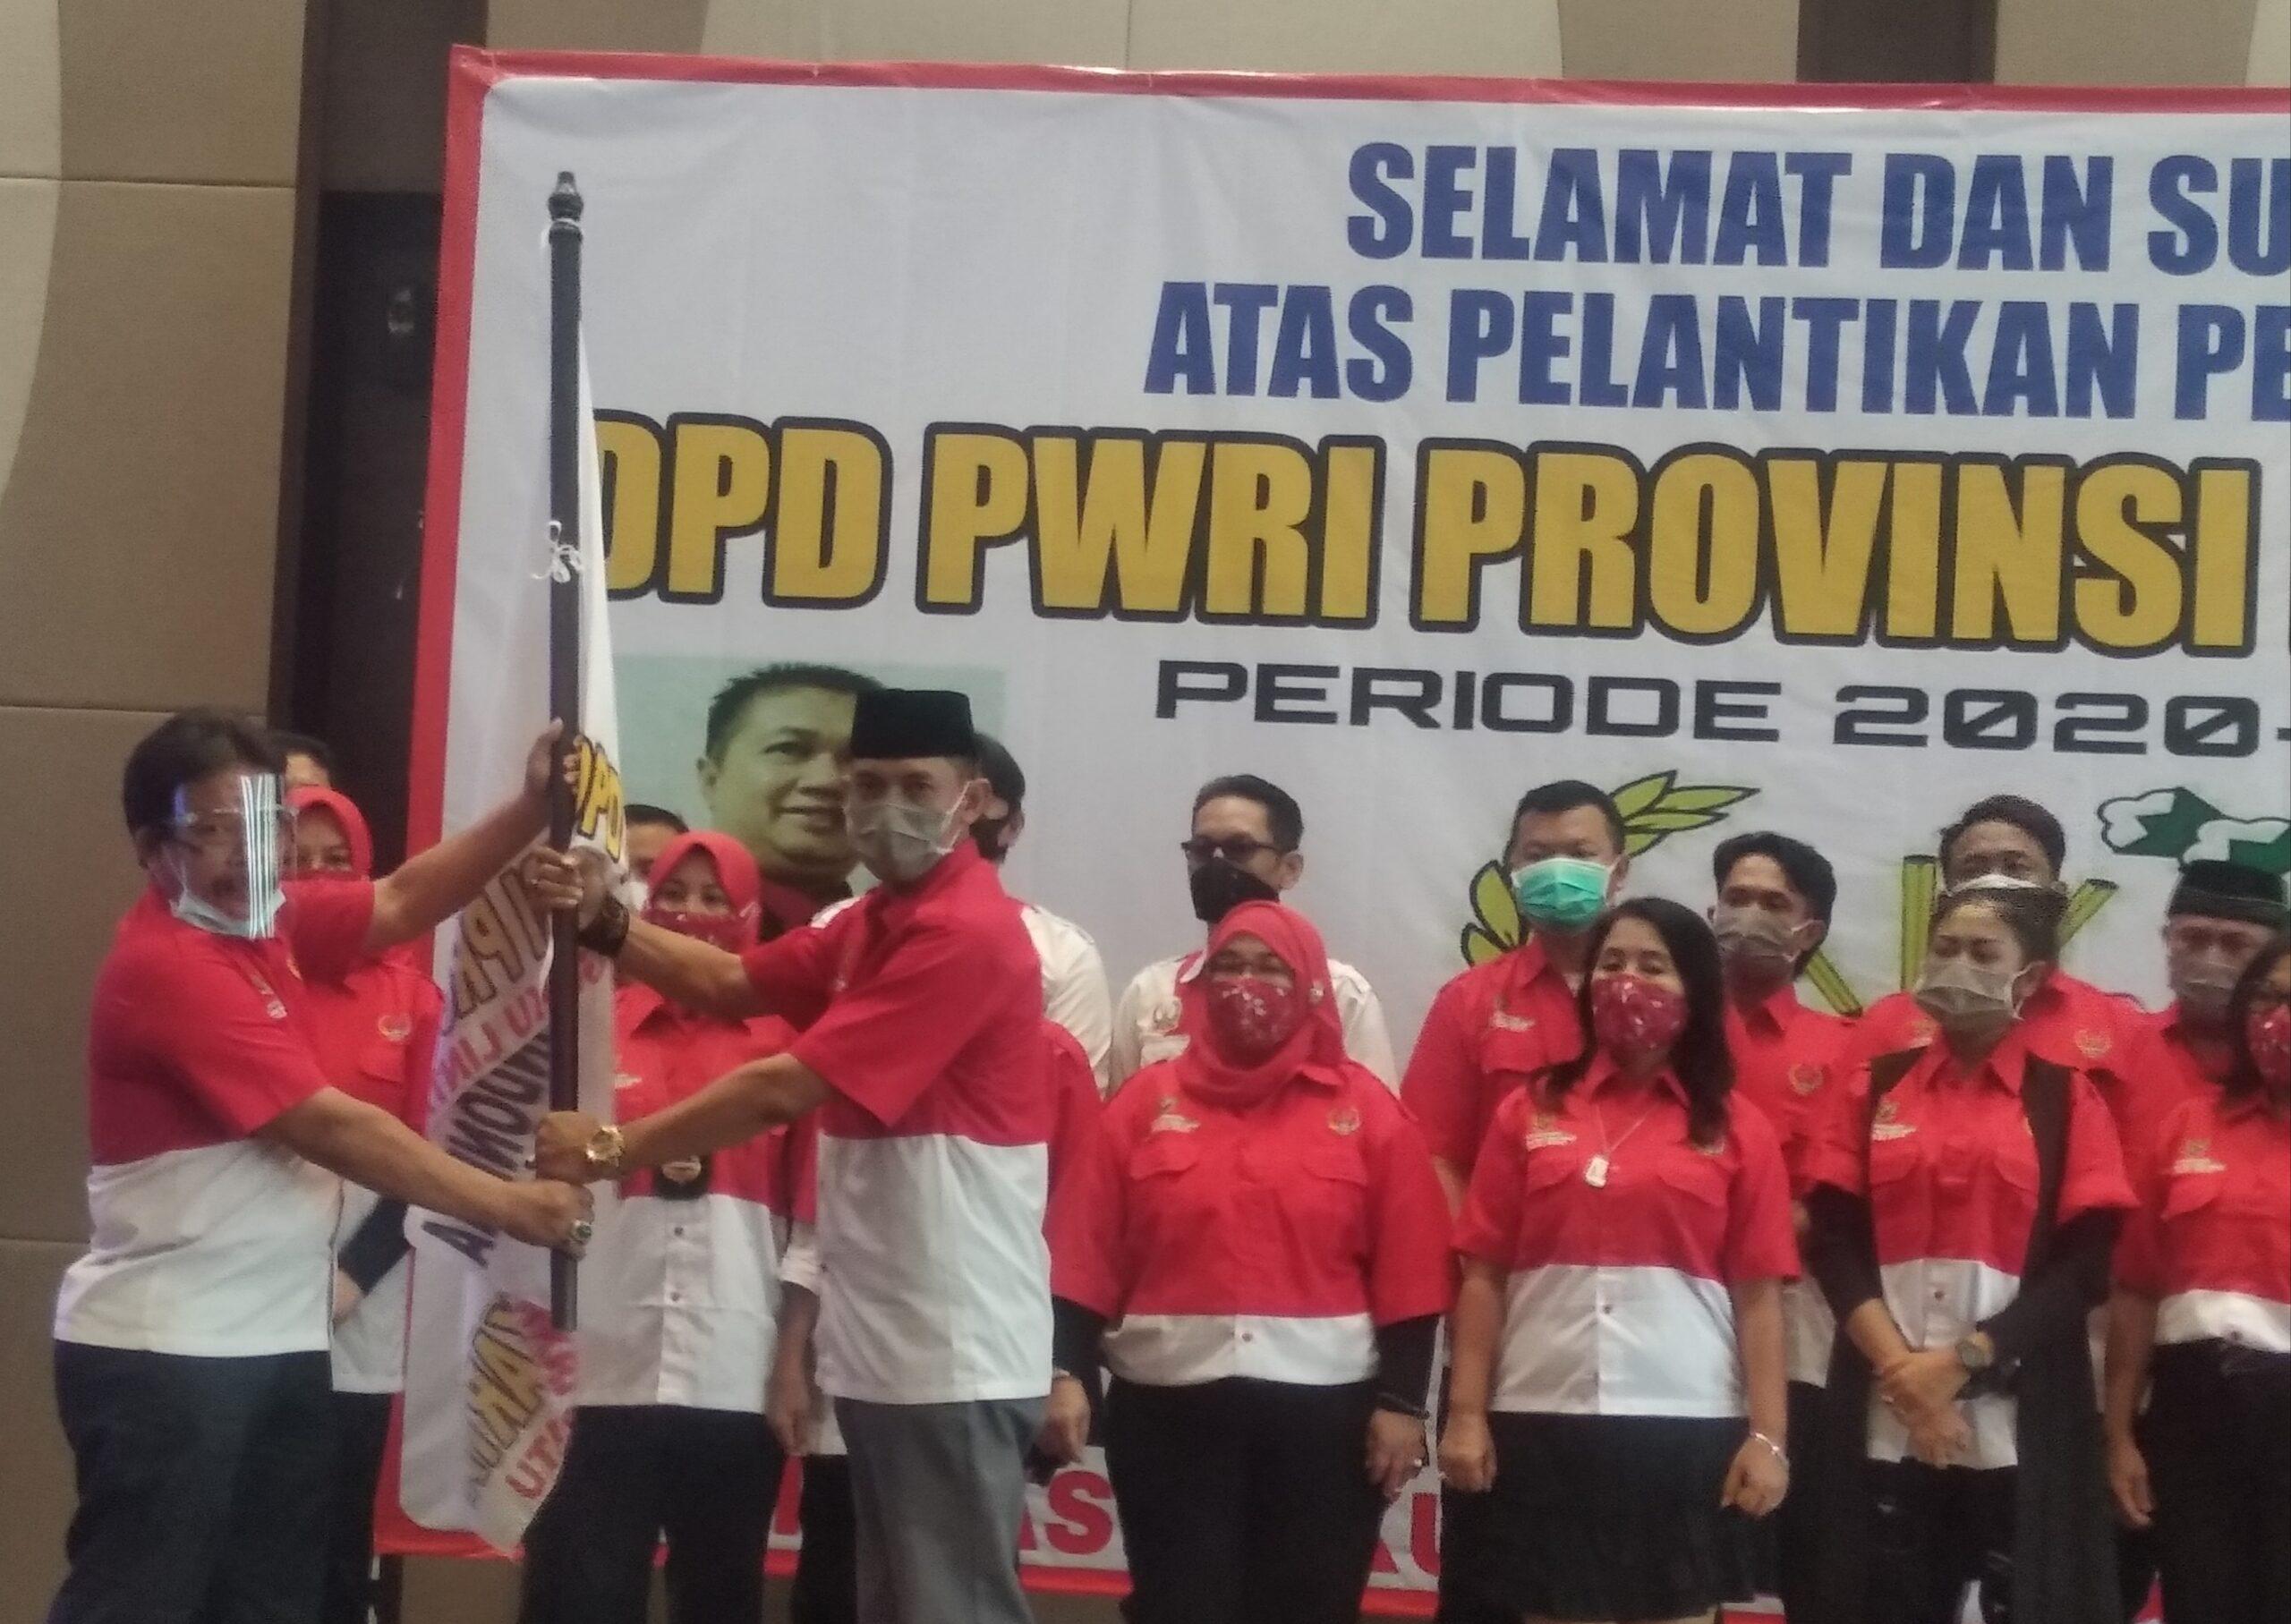 Hari Ini Pengurus DPD PWRI Provinsi DKI Jakarta Periode 2020-2024, Resmi Dilantik DPP PWRI